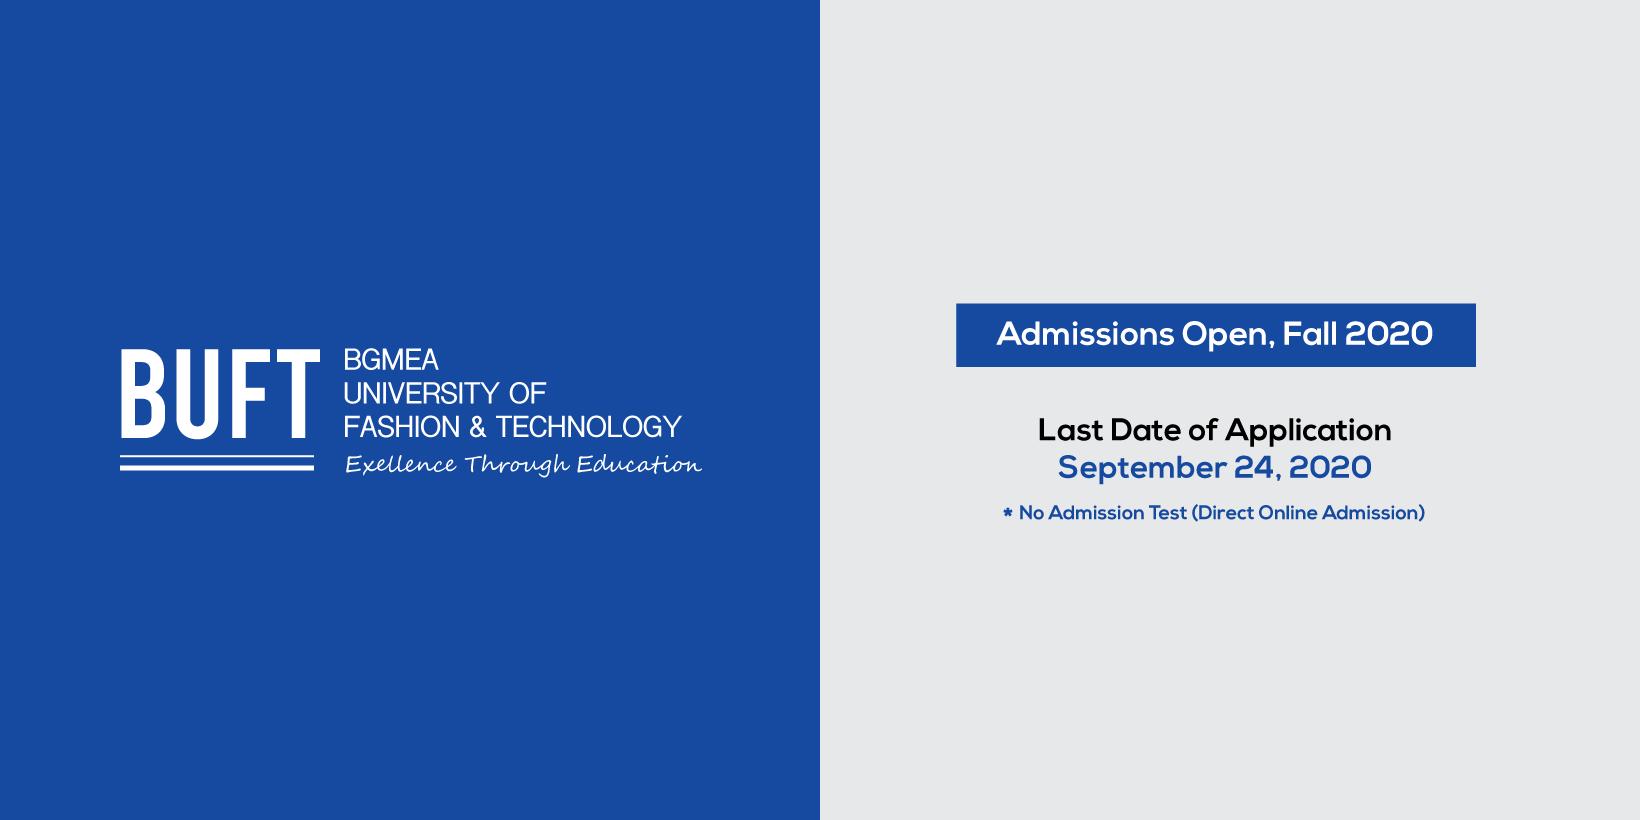 BGMEA University of Fashion & Technology